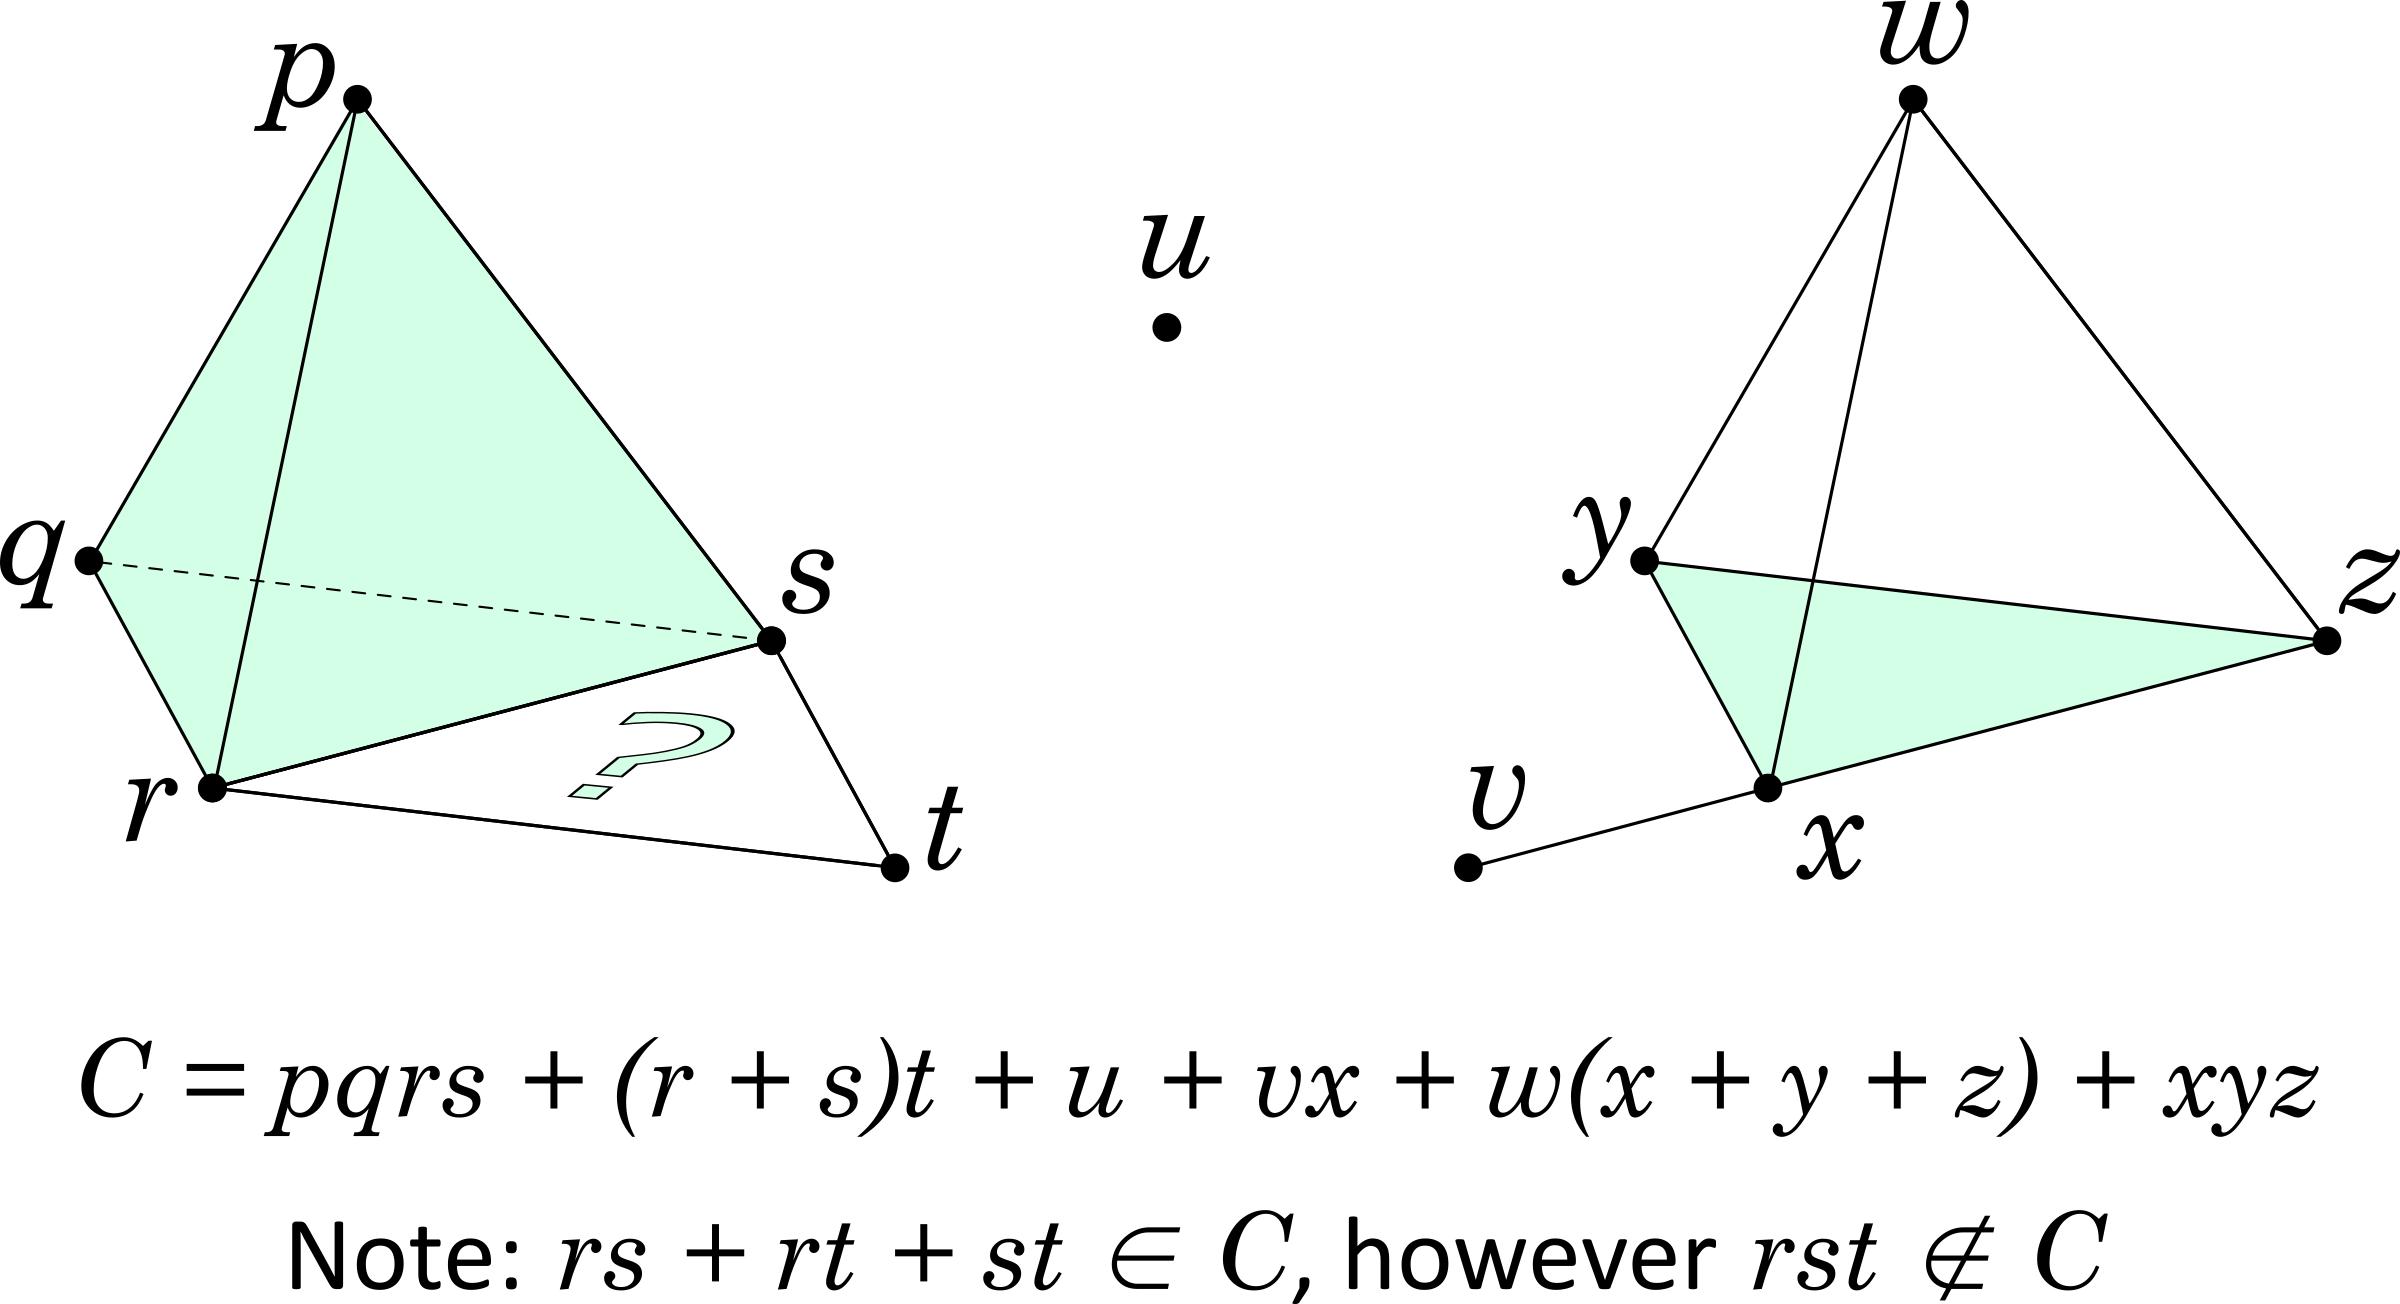 A simplicial complex